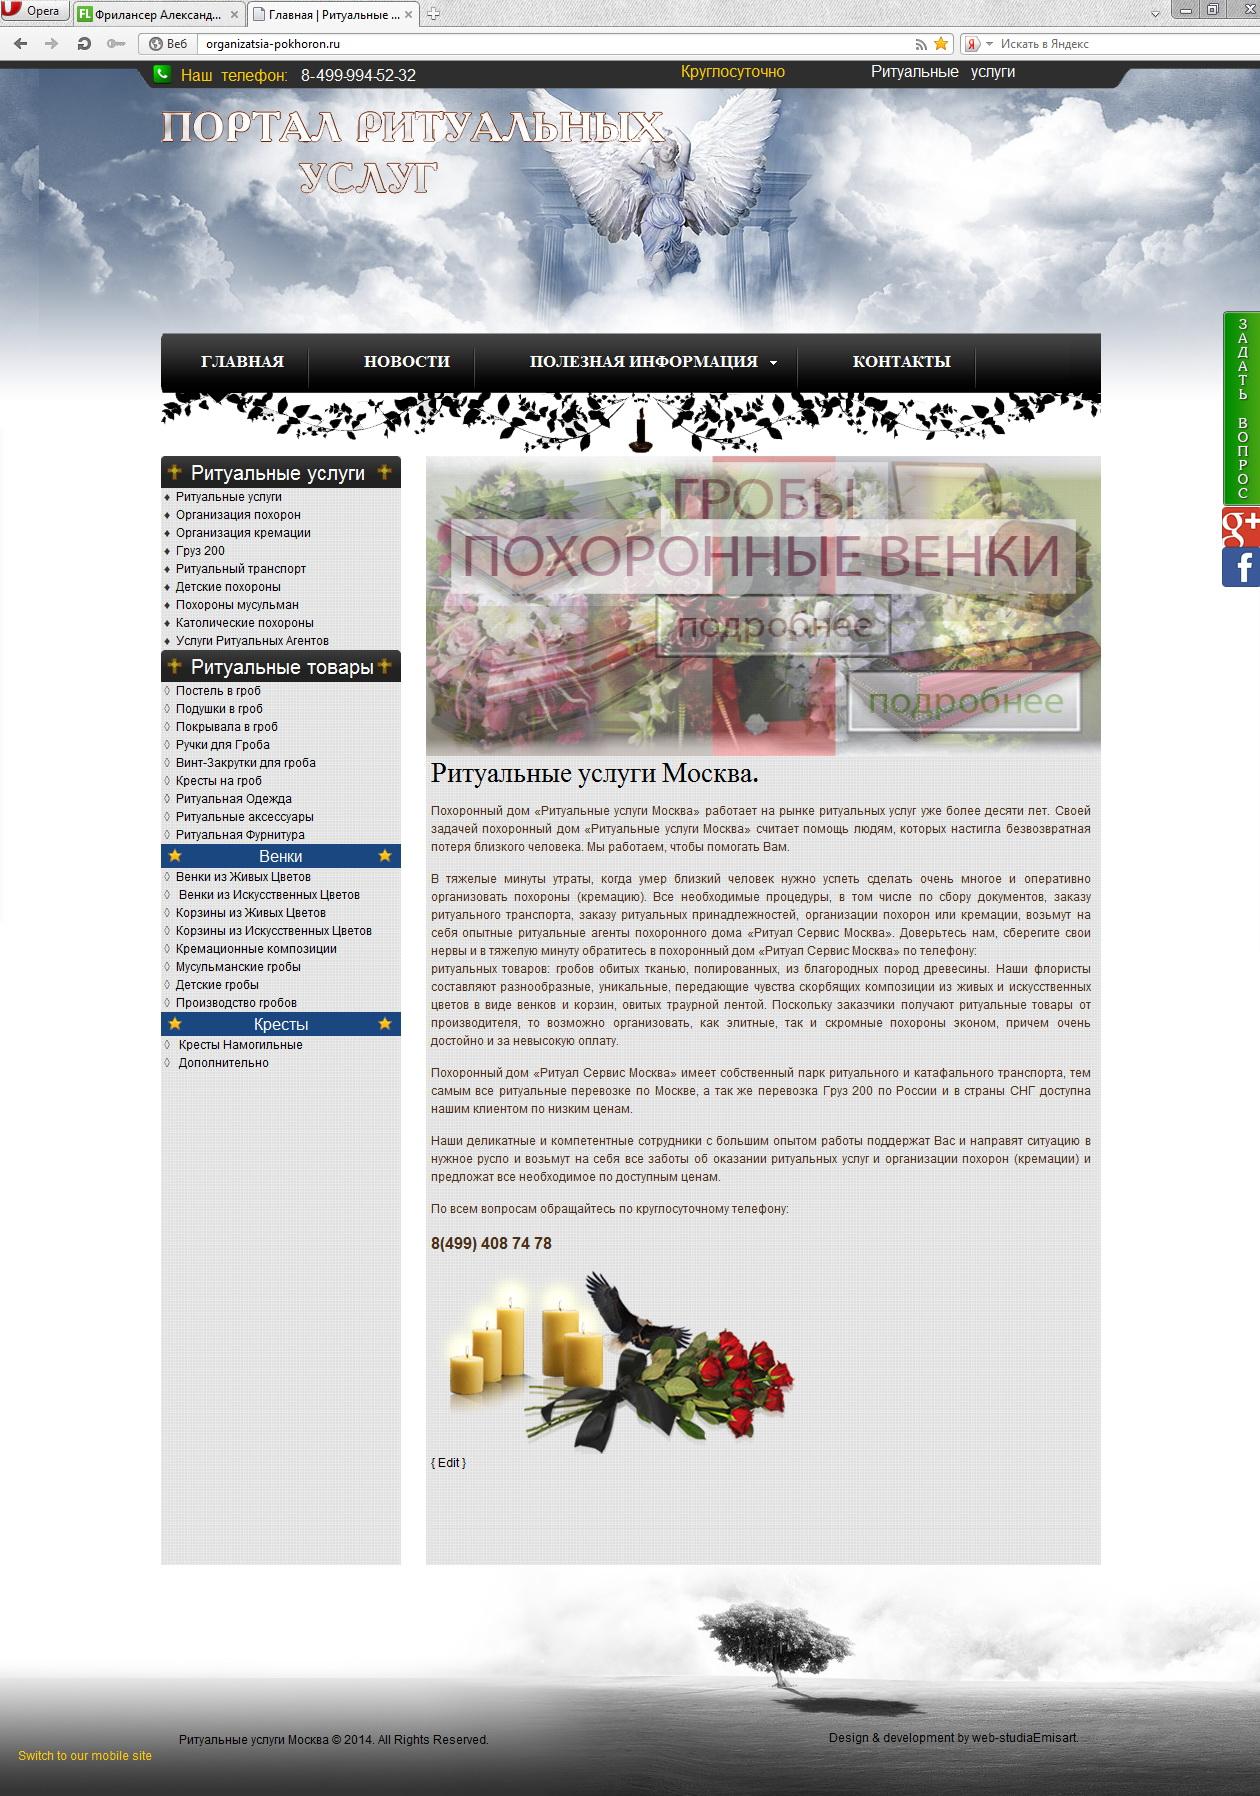 Интернет магазин: Ритуальных услуг